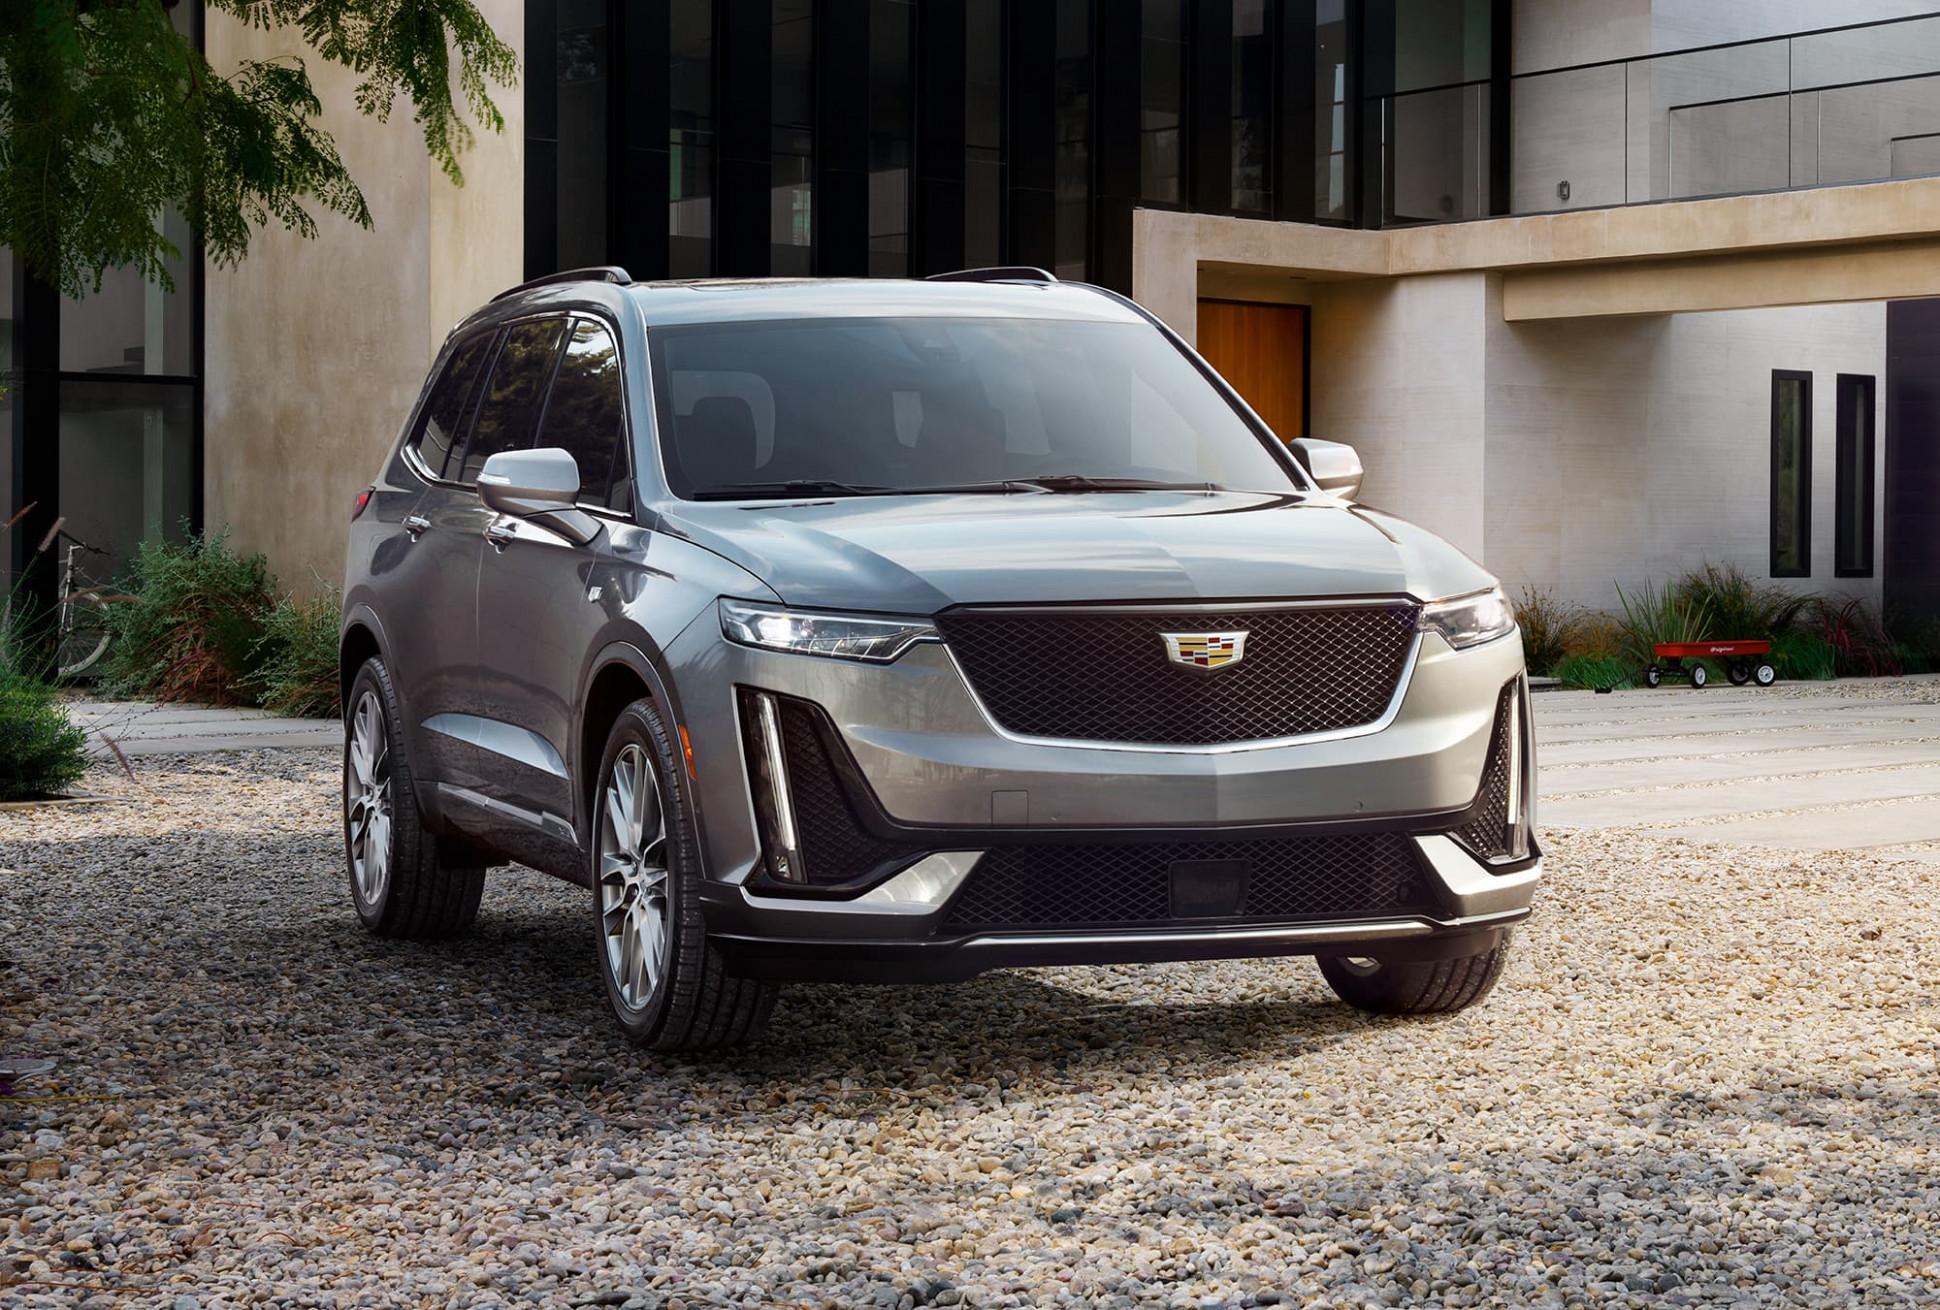 Picture Cadillac Midsize Suv 2022